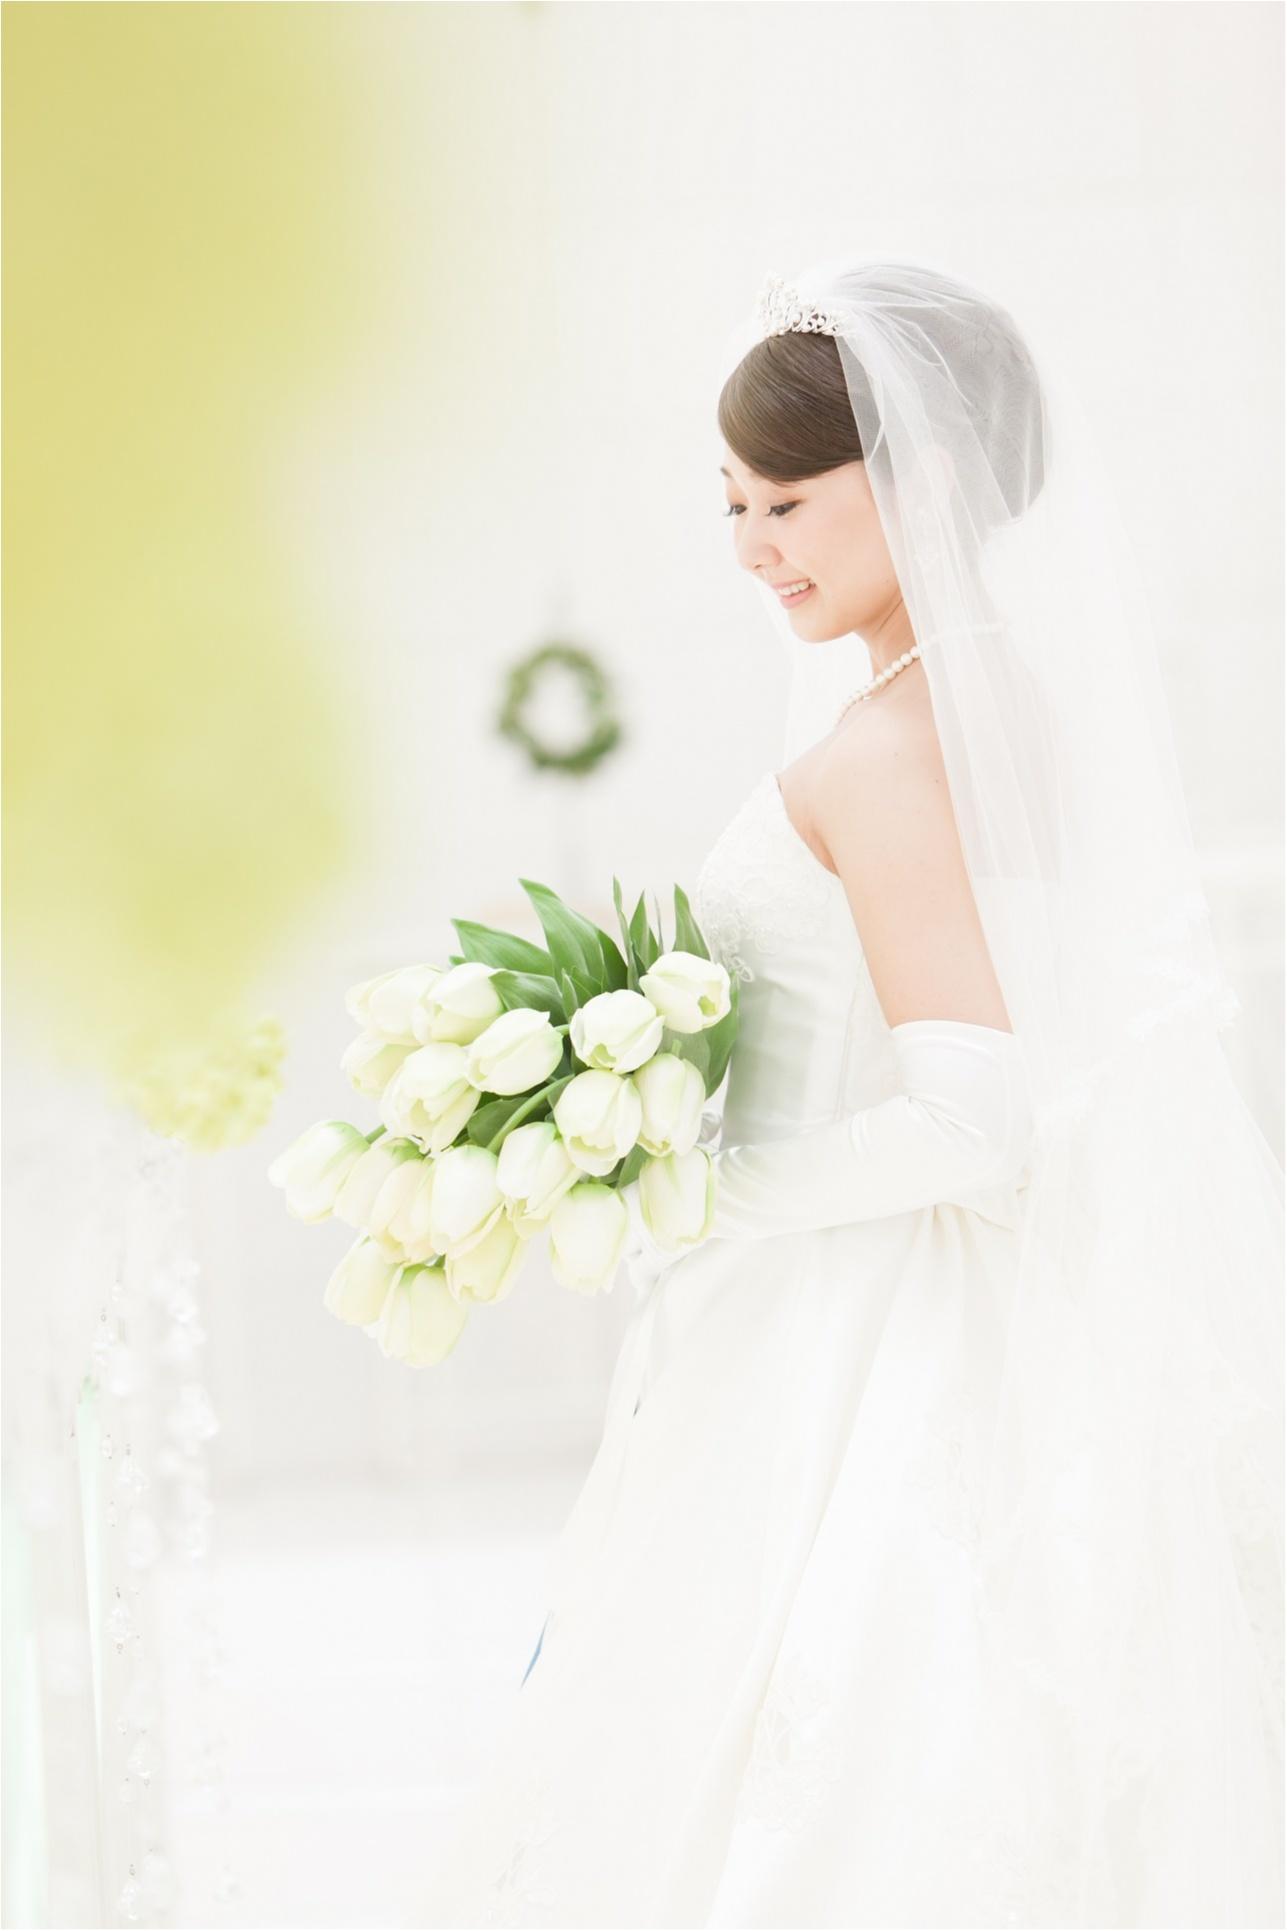 結婚式は「自分の好きな花」を手に持ちヴァージンロードを歩きたい!#さち婚_5